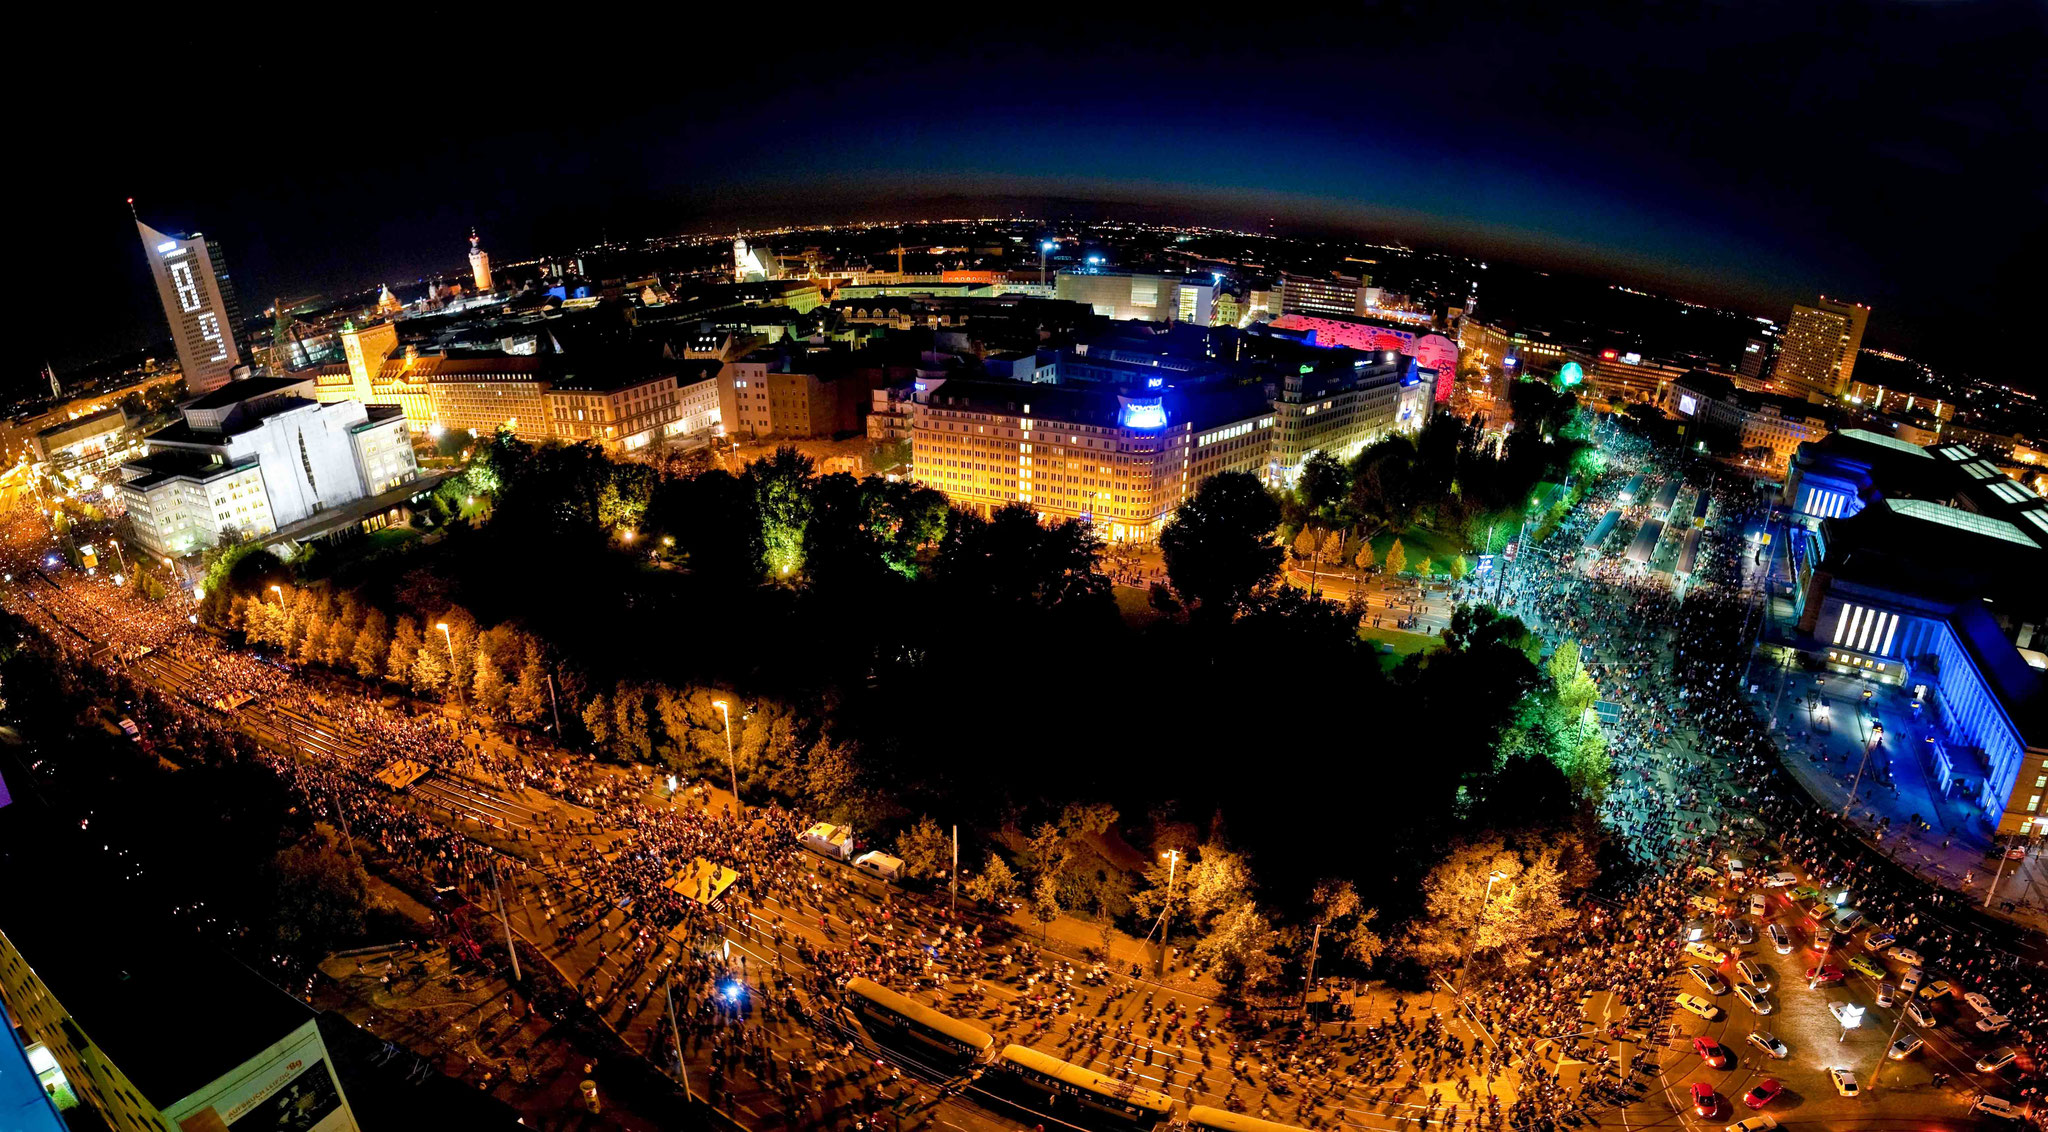 25 Jahre Friedliche Revolution - Lichterfest in Leipzig - erschienen im STERN - © Dirk Brzoska